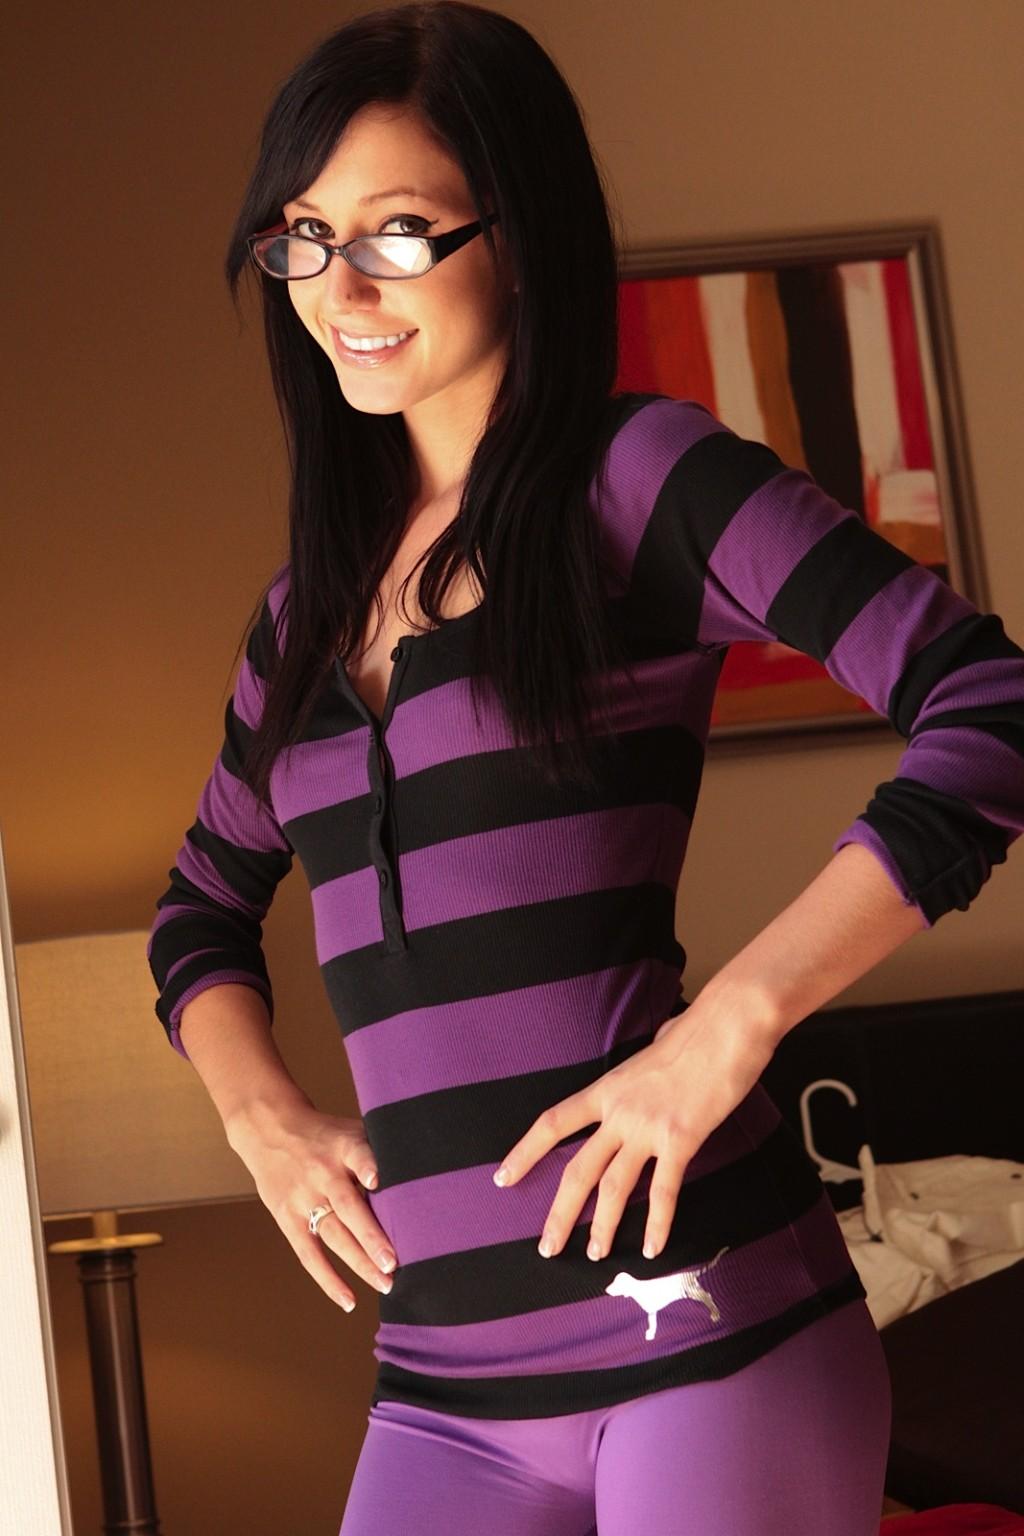 음탕 청소년 긱 Catie Minx 에 안경 고 유연성 보라색